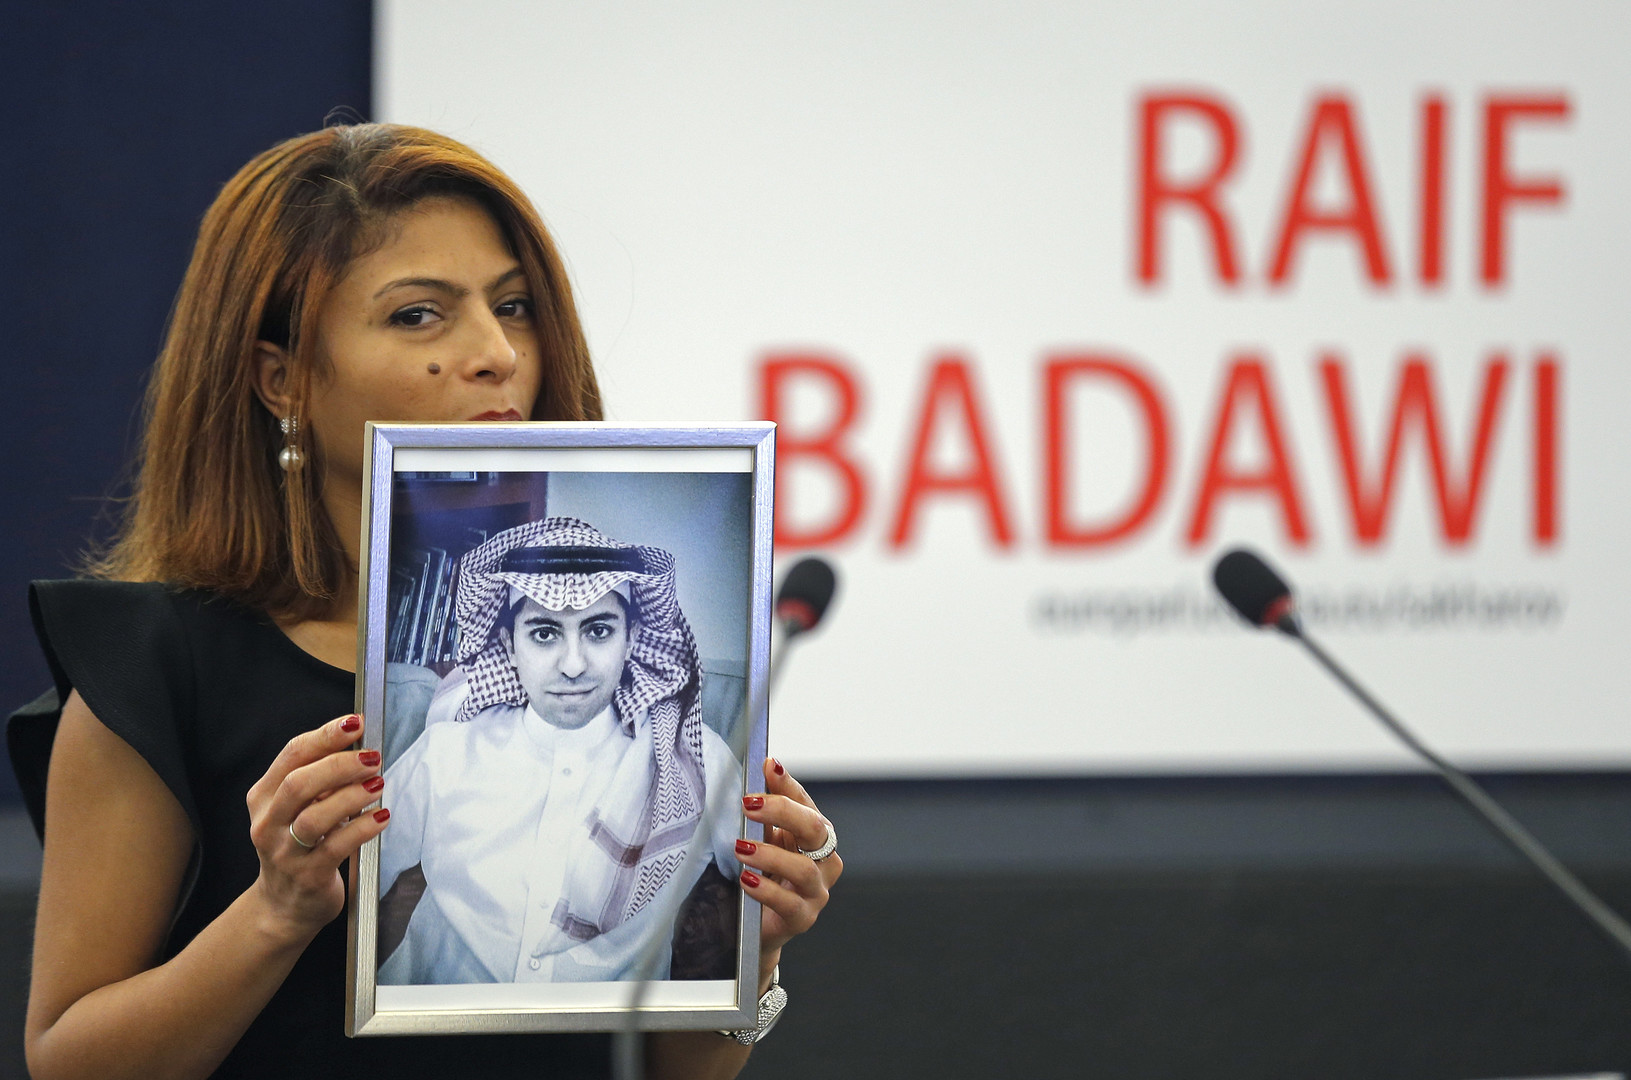 نائب الرئيس الأمريكي يدعو السعودية لإطلاق سراح رائف بدوي